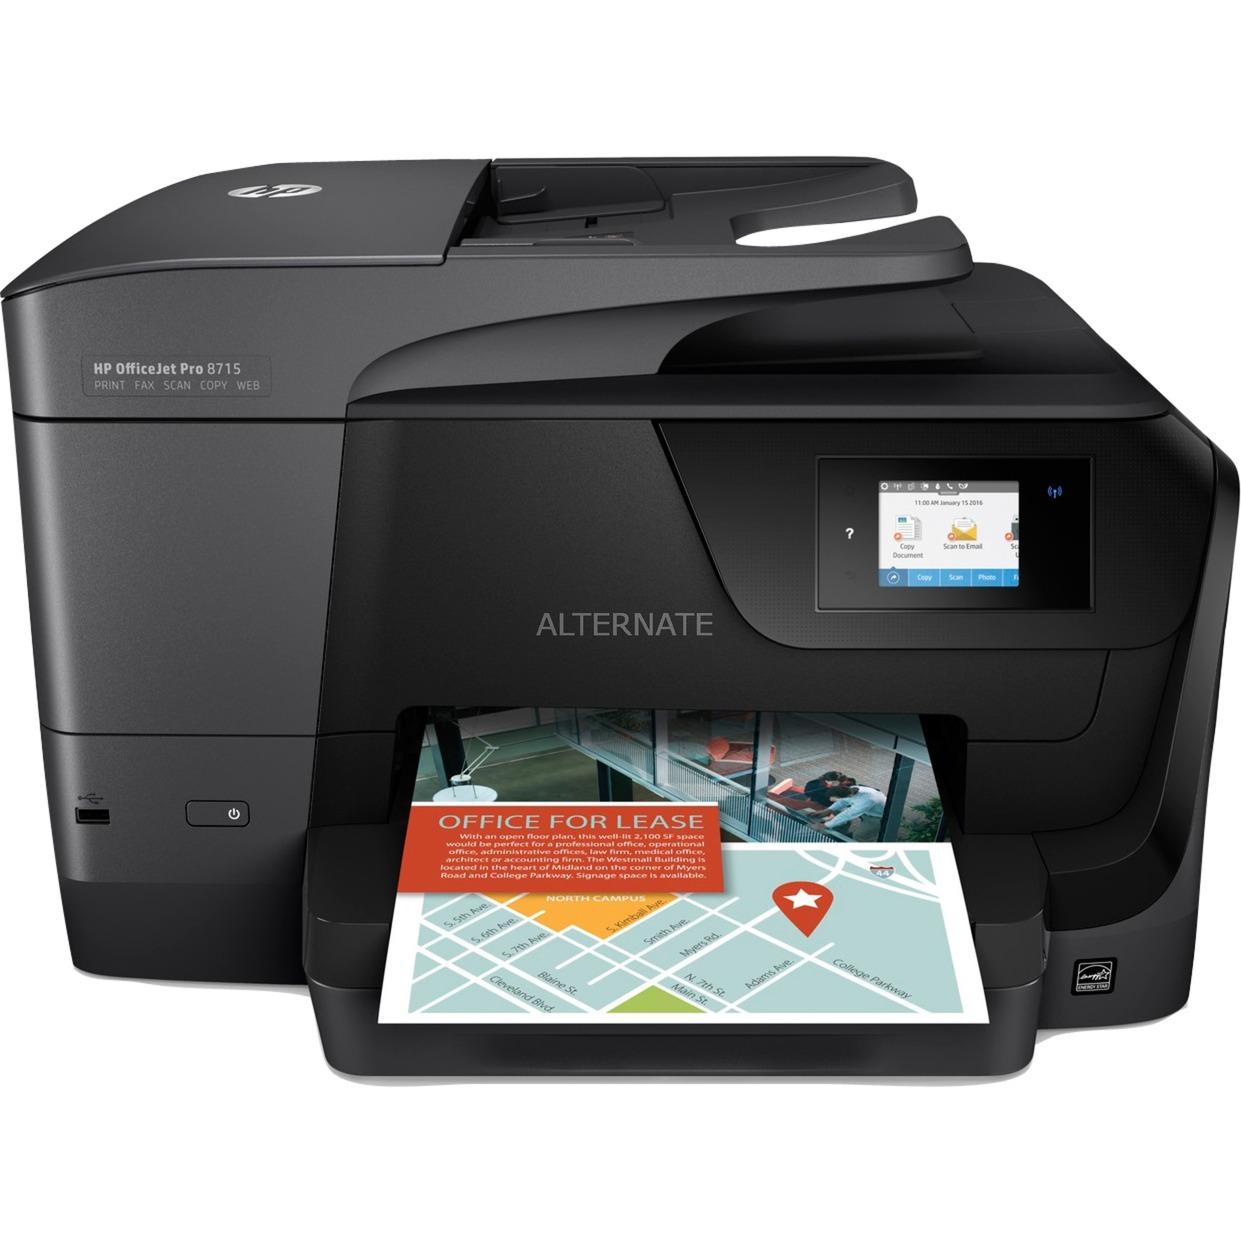 OfficeJet Pro Imprimante tout-en-un Pro 8715, Imprimante multifonction